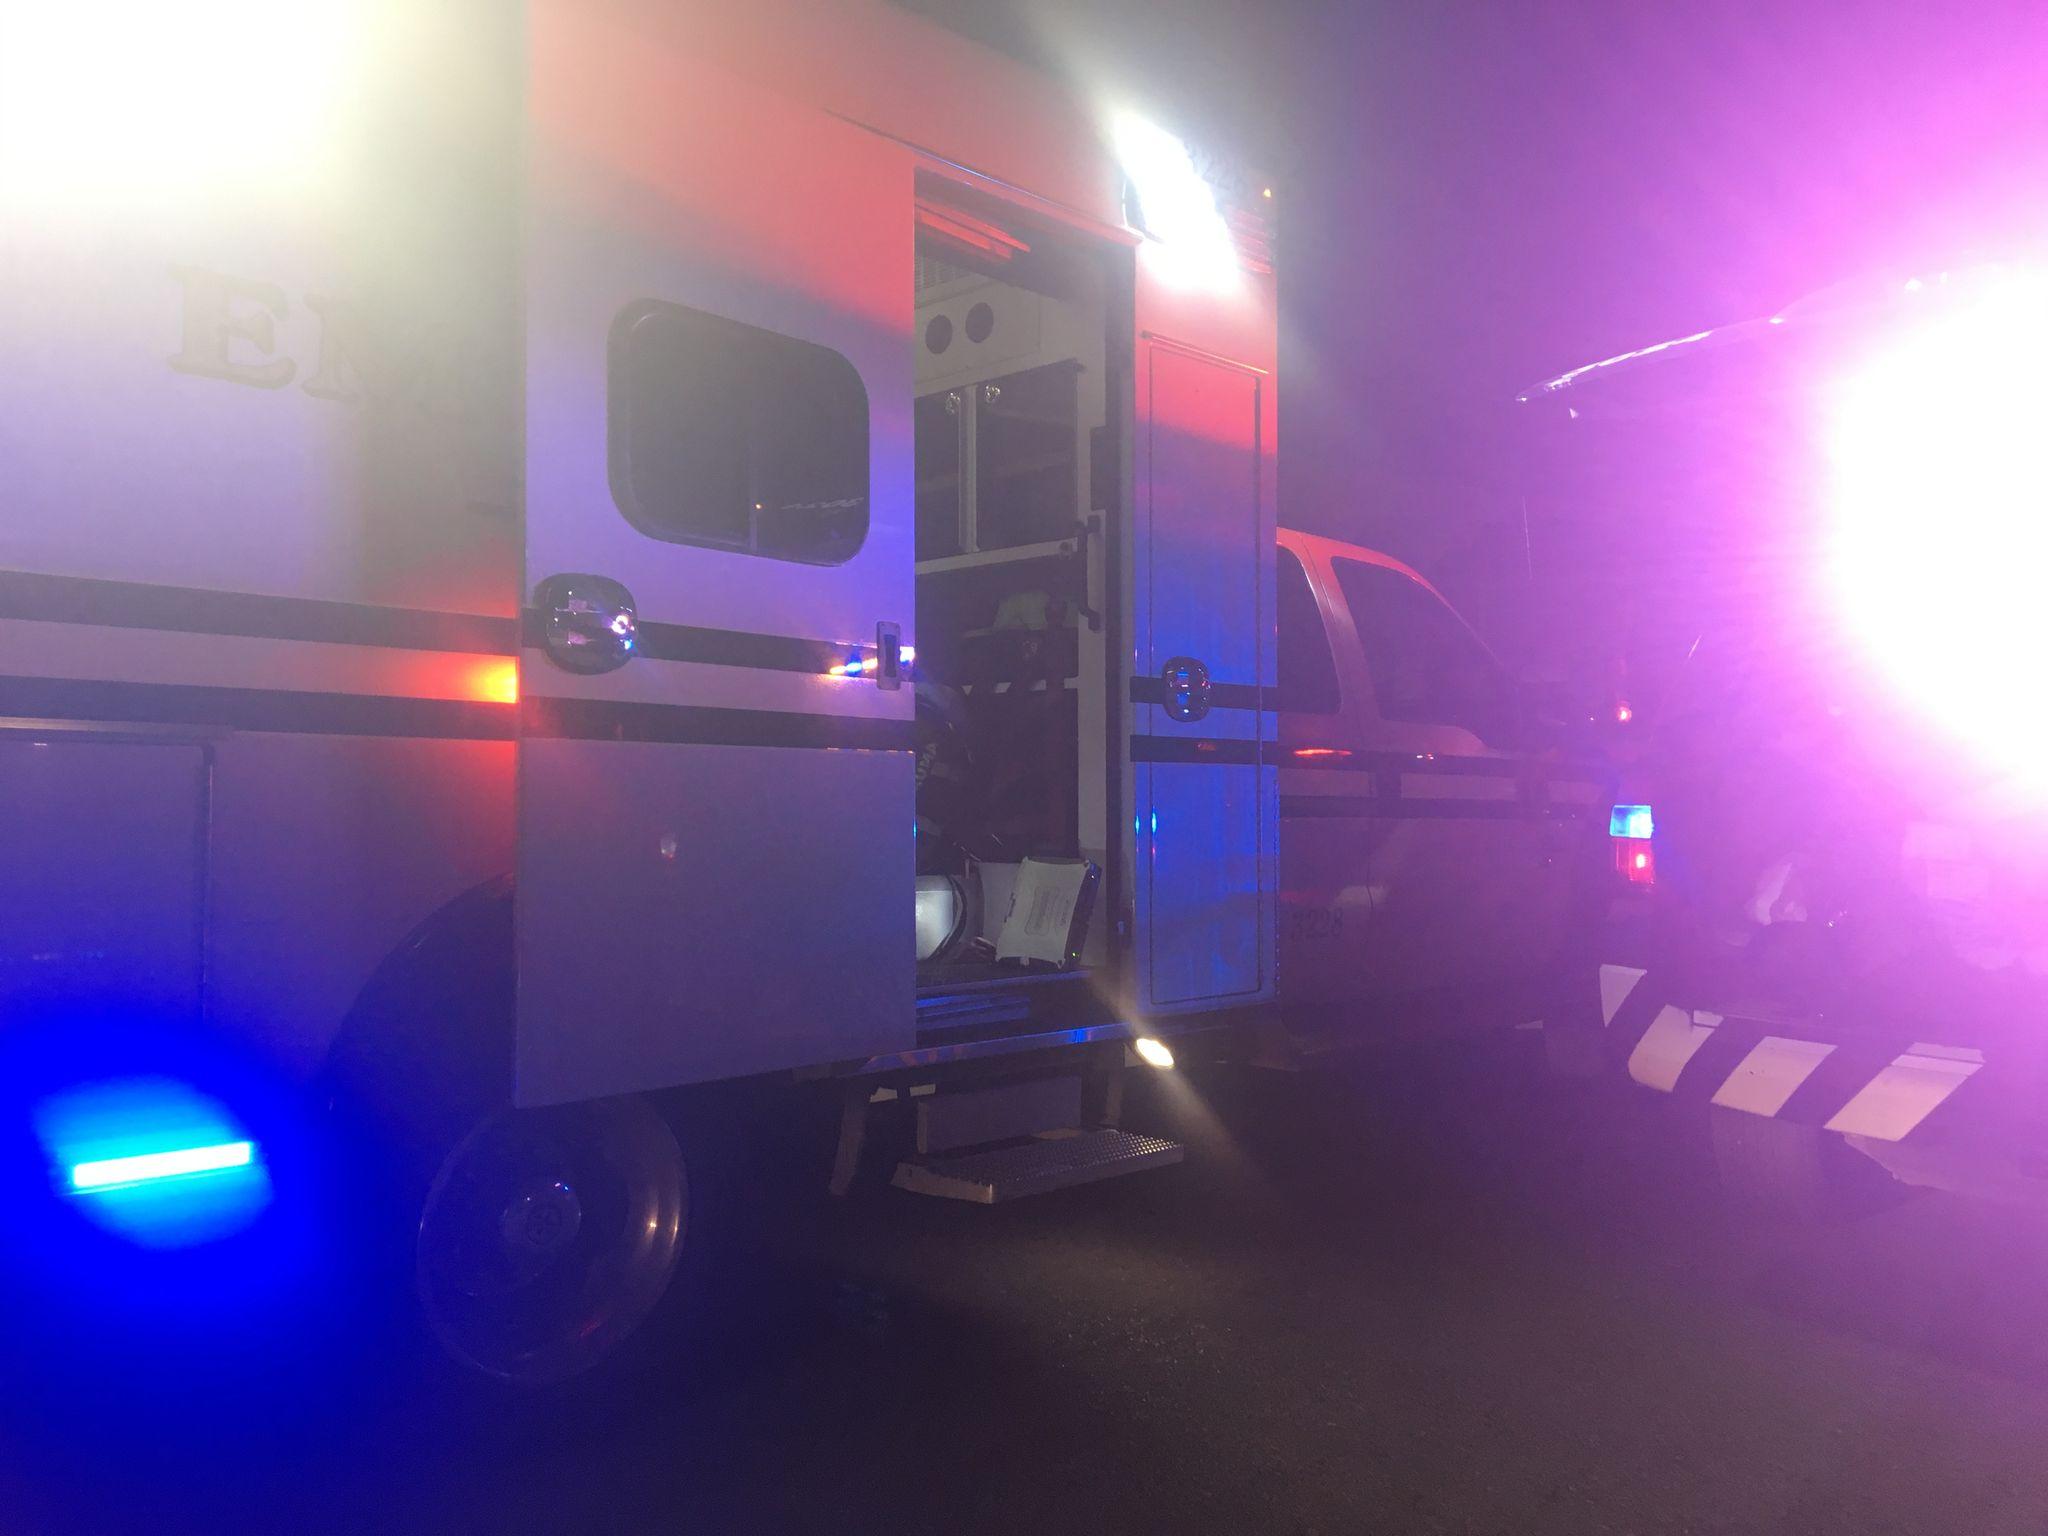 IMG 1881 Ambulancier : le site de référence EMS Nouvelle Orléans - Un ambulancier parmi les paramedics